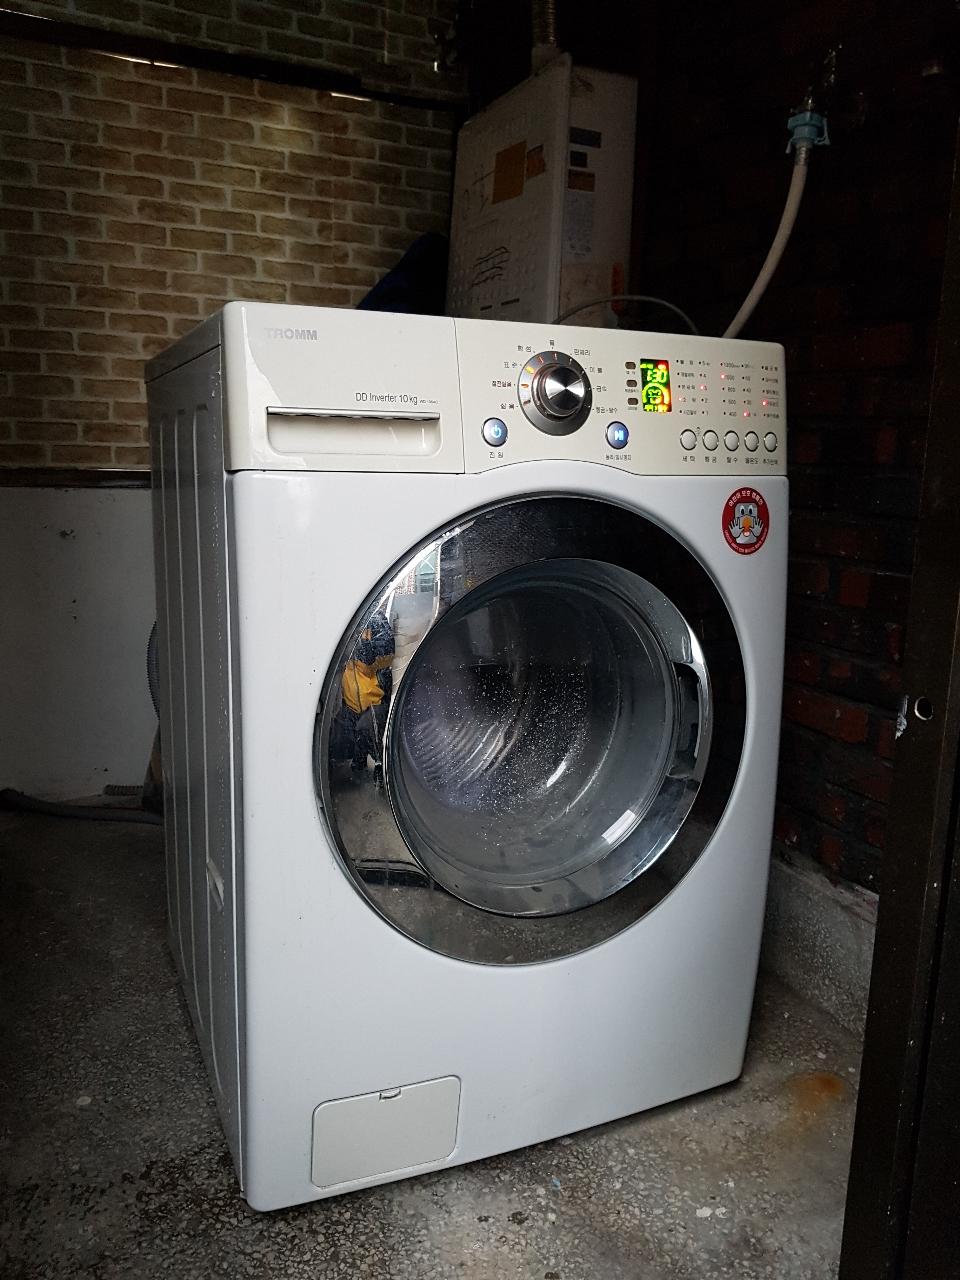 드럼 세탁기  10kg  트롬  세탁기 팝니다